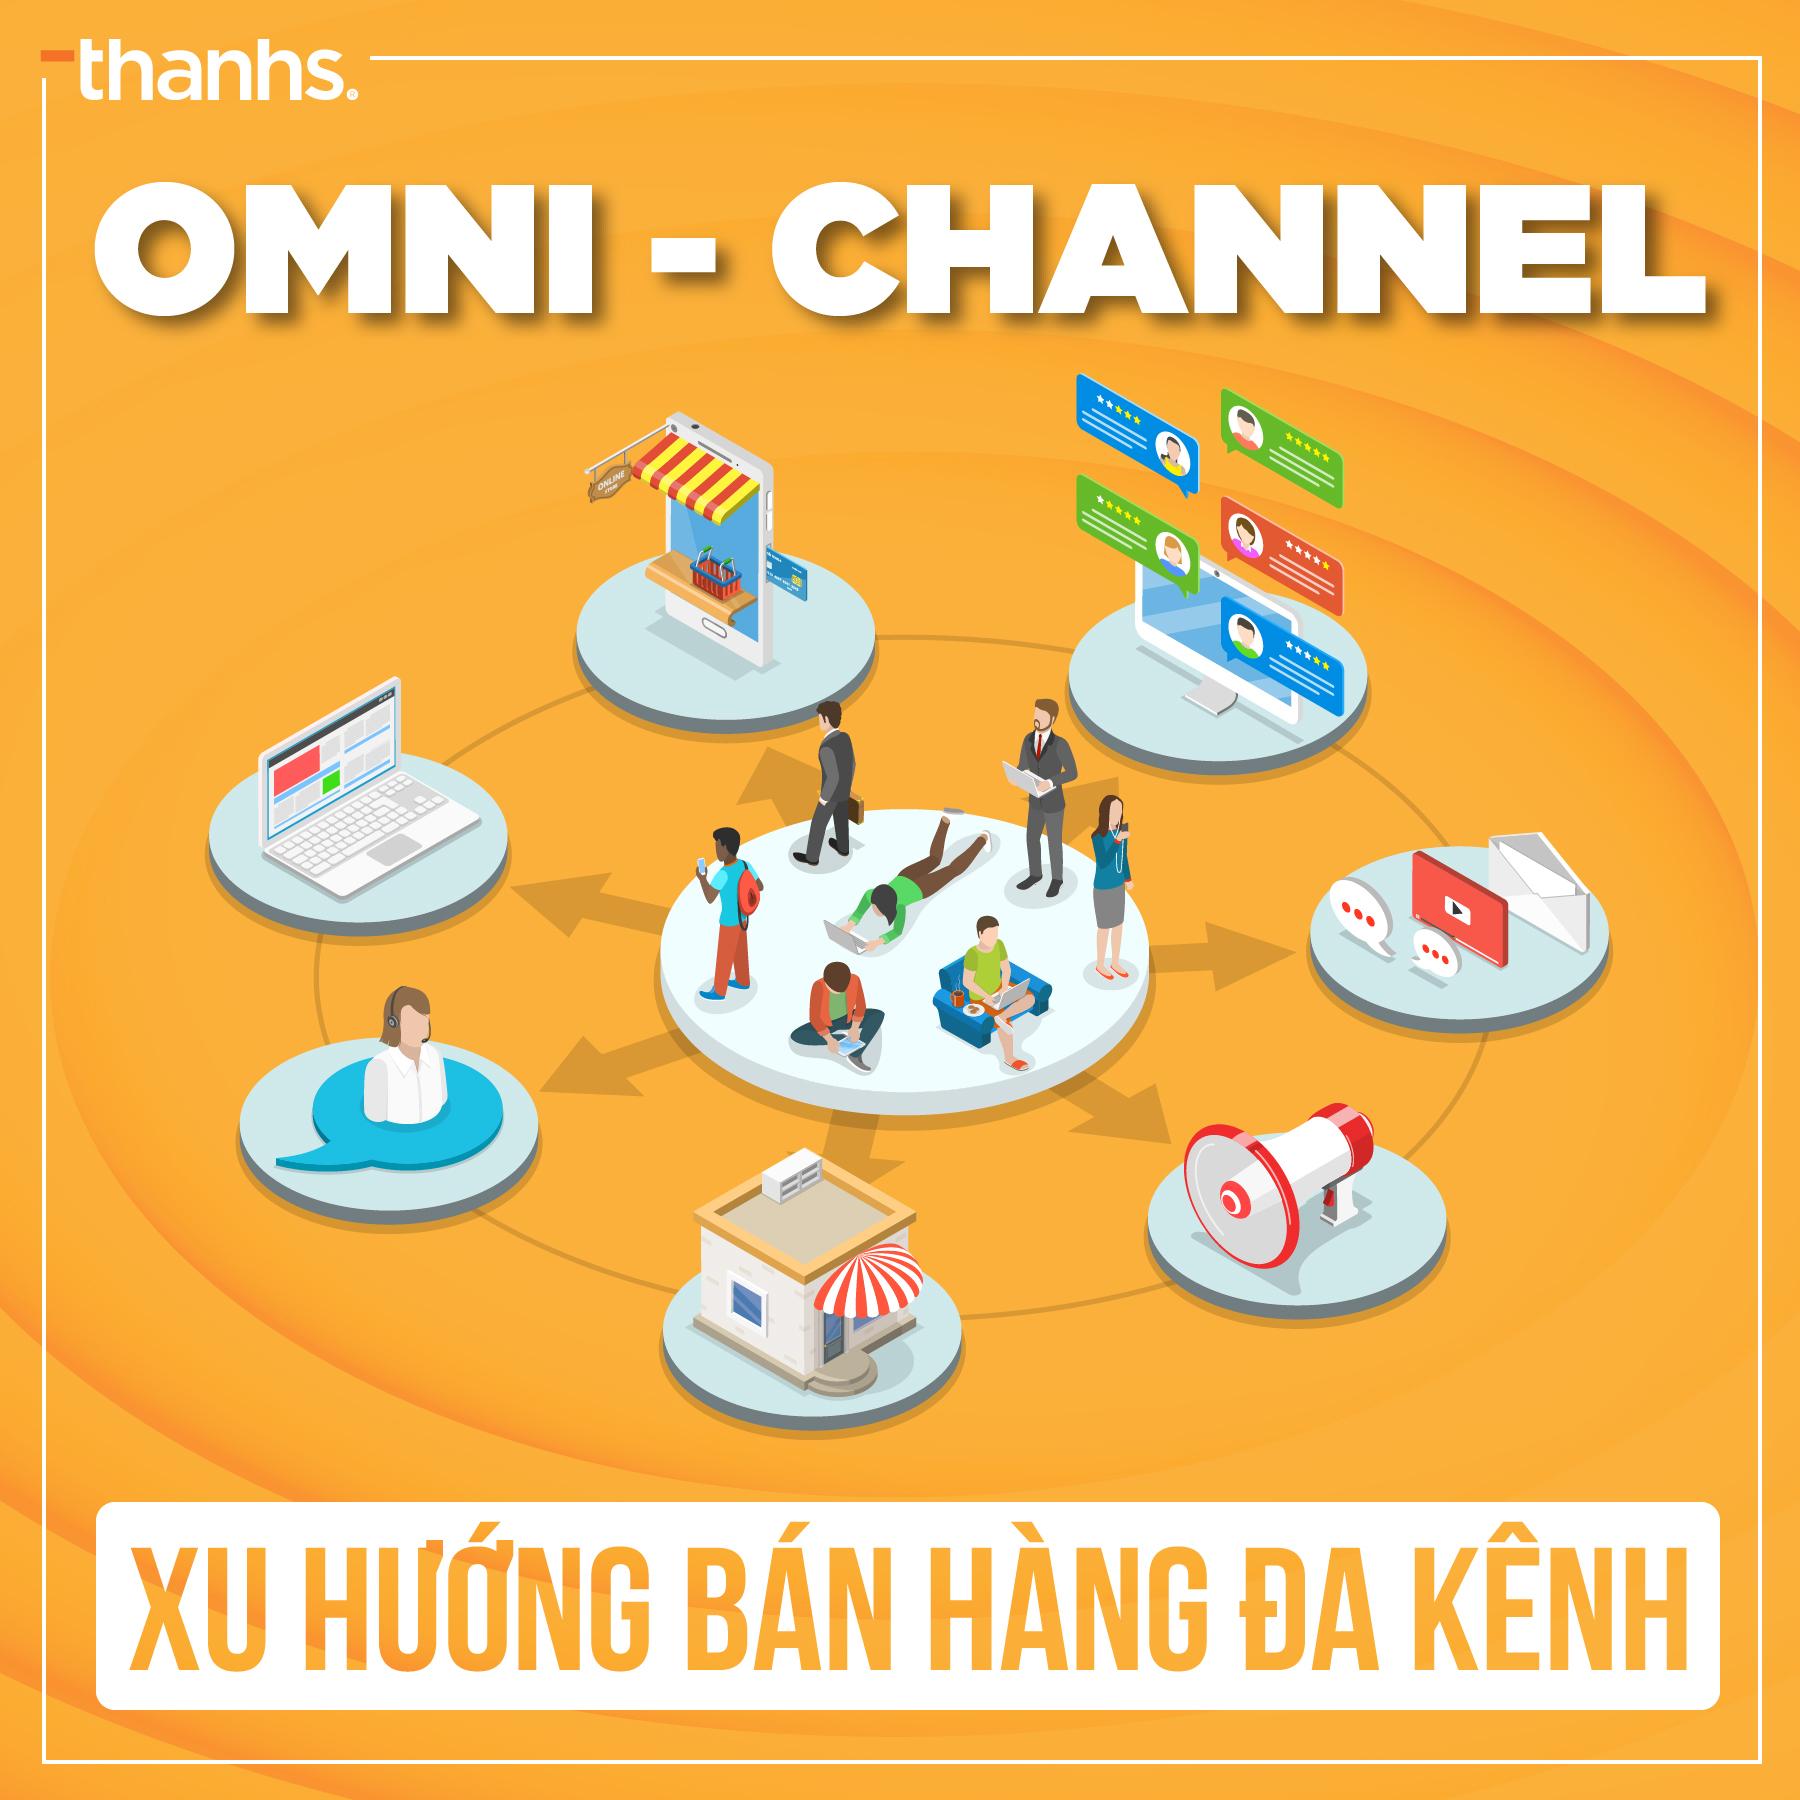 Omnichannel - Xu hướng bán hàng đa kênh